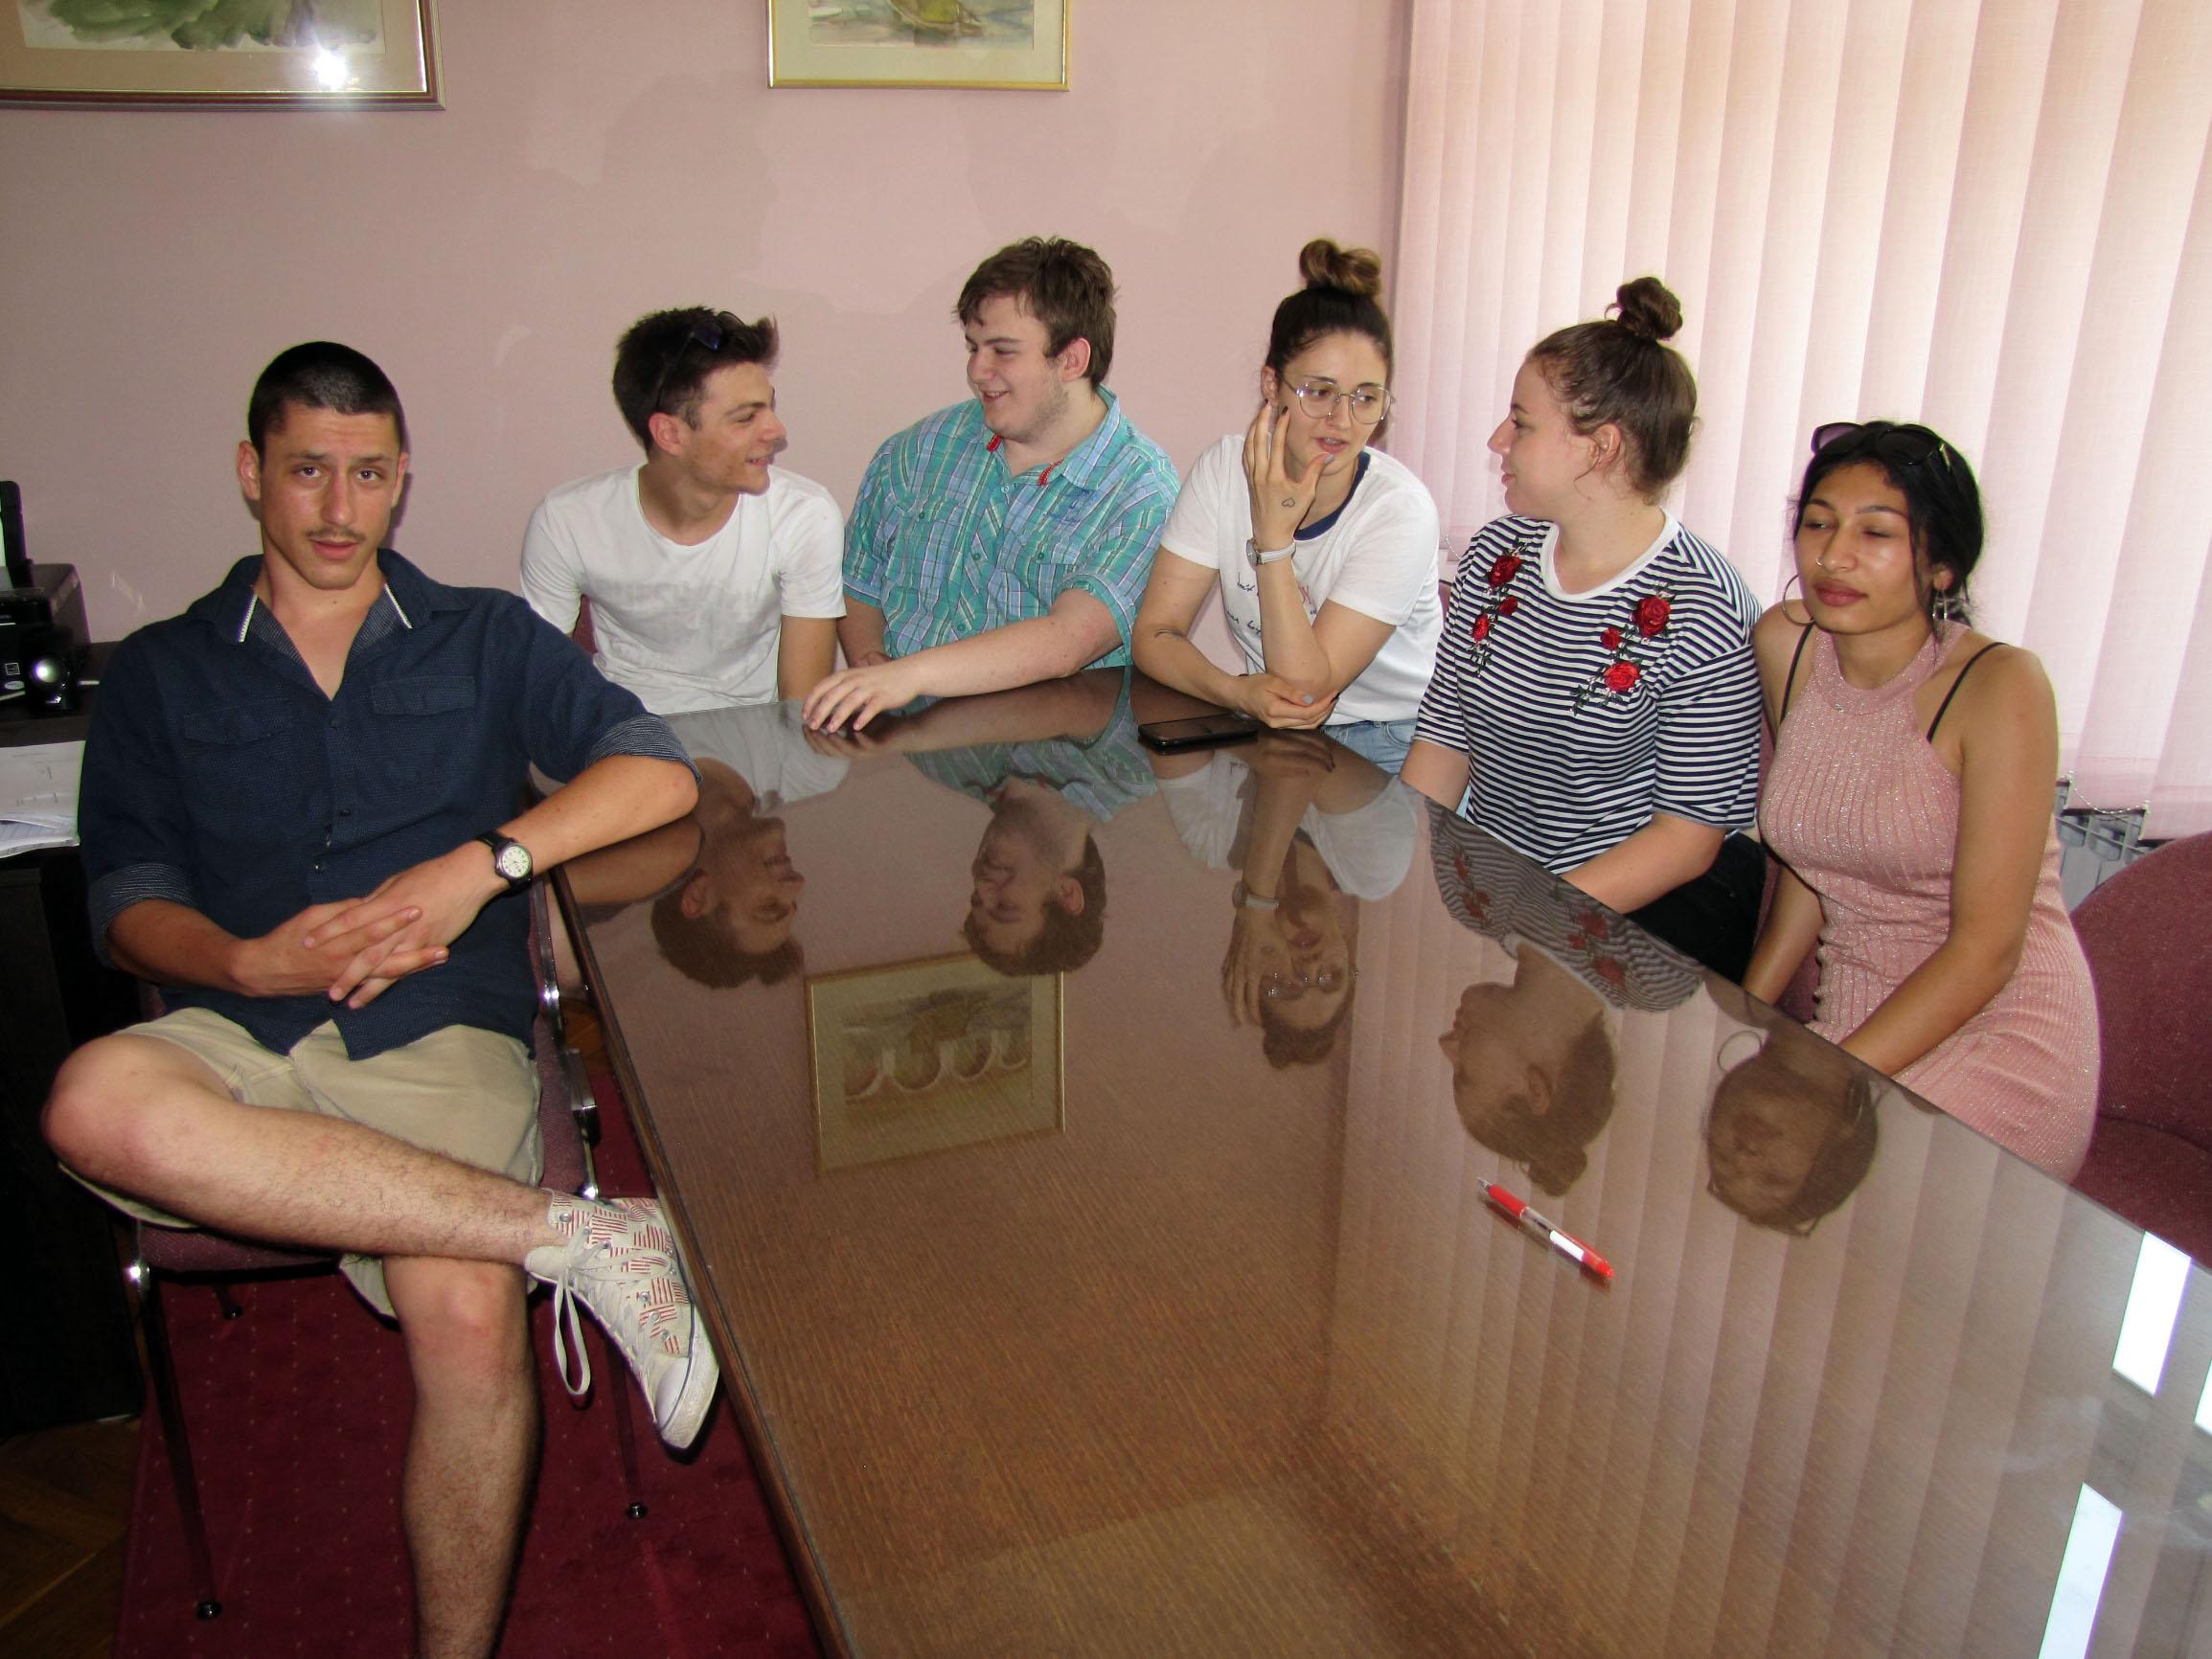 Učenici 3. razreda Ekonomske škole Sisak: Moreno Pavlek, Karlo Domitrović, Luka Ostić, Ella Bevanda, Patricija Benčić i Viktorija Nikolić.